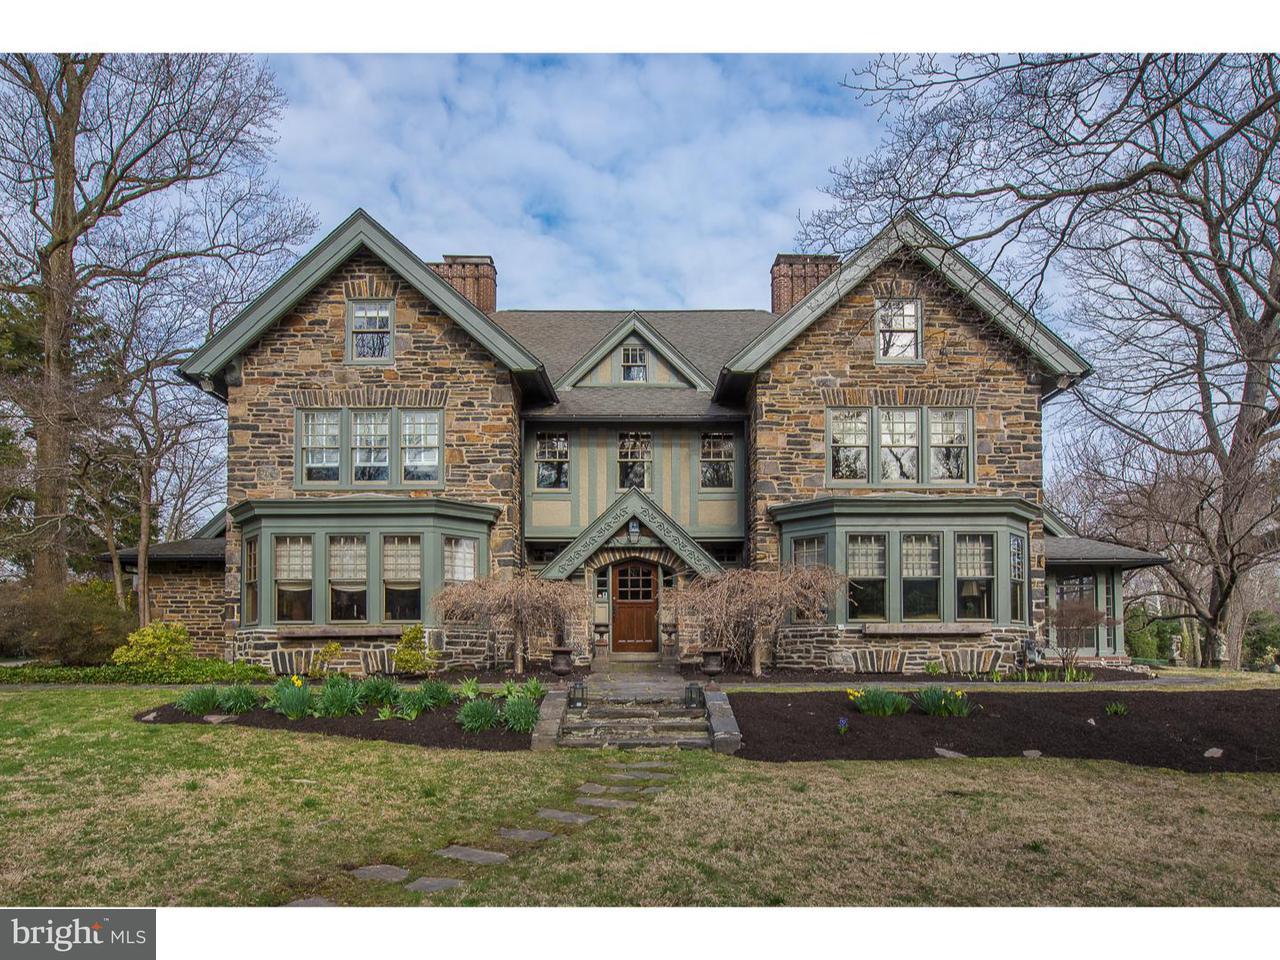 Частный односемейный дом для того Продажа на 307 CLWYD Road Bala Cynwyd, Пенсильвания 19004 Соединенные Штаты